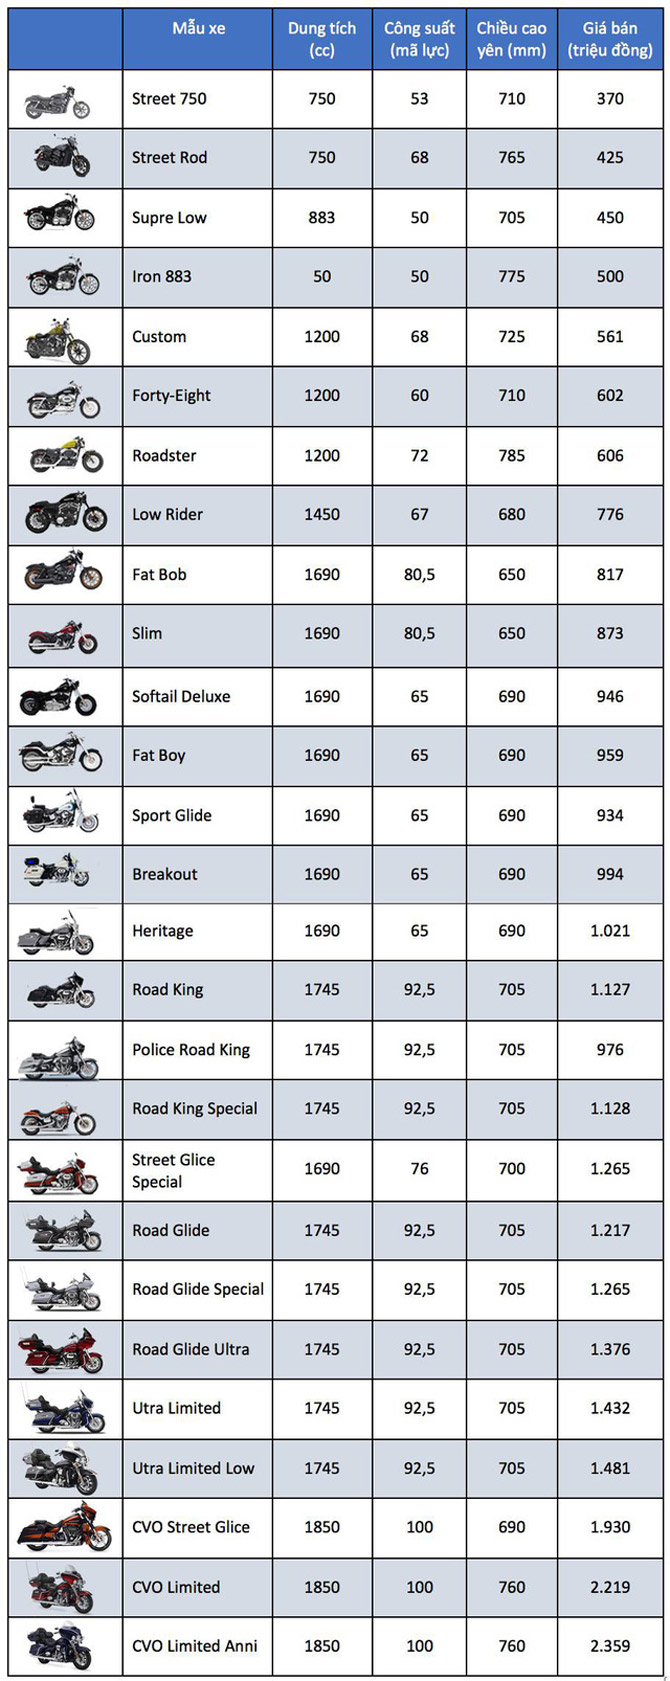 Bảng giá xe Harley-Davidson tại Việt Nam tháng 10/2018 Ảnh 1